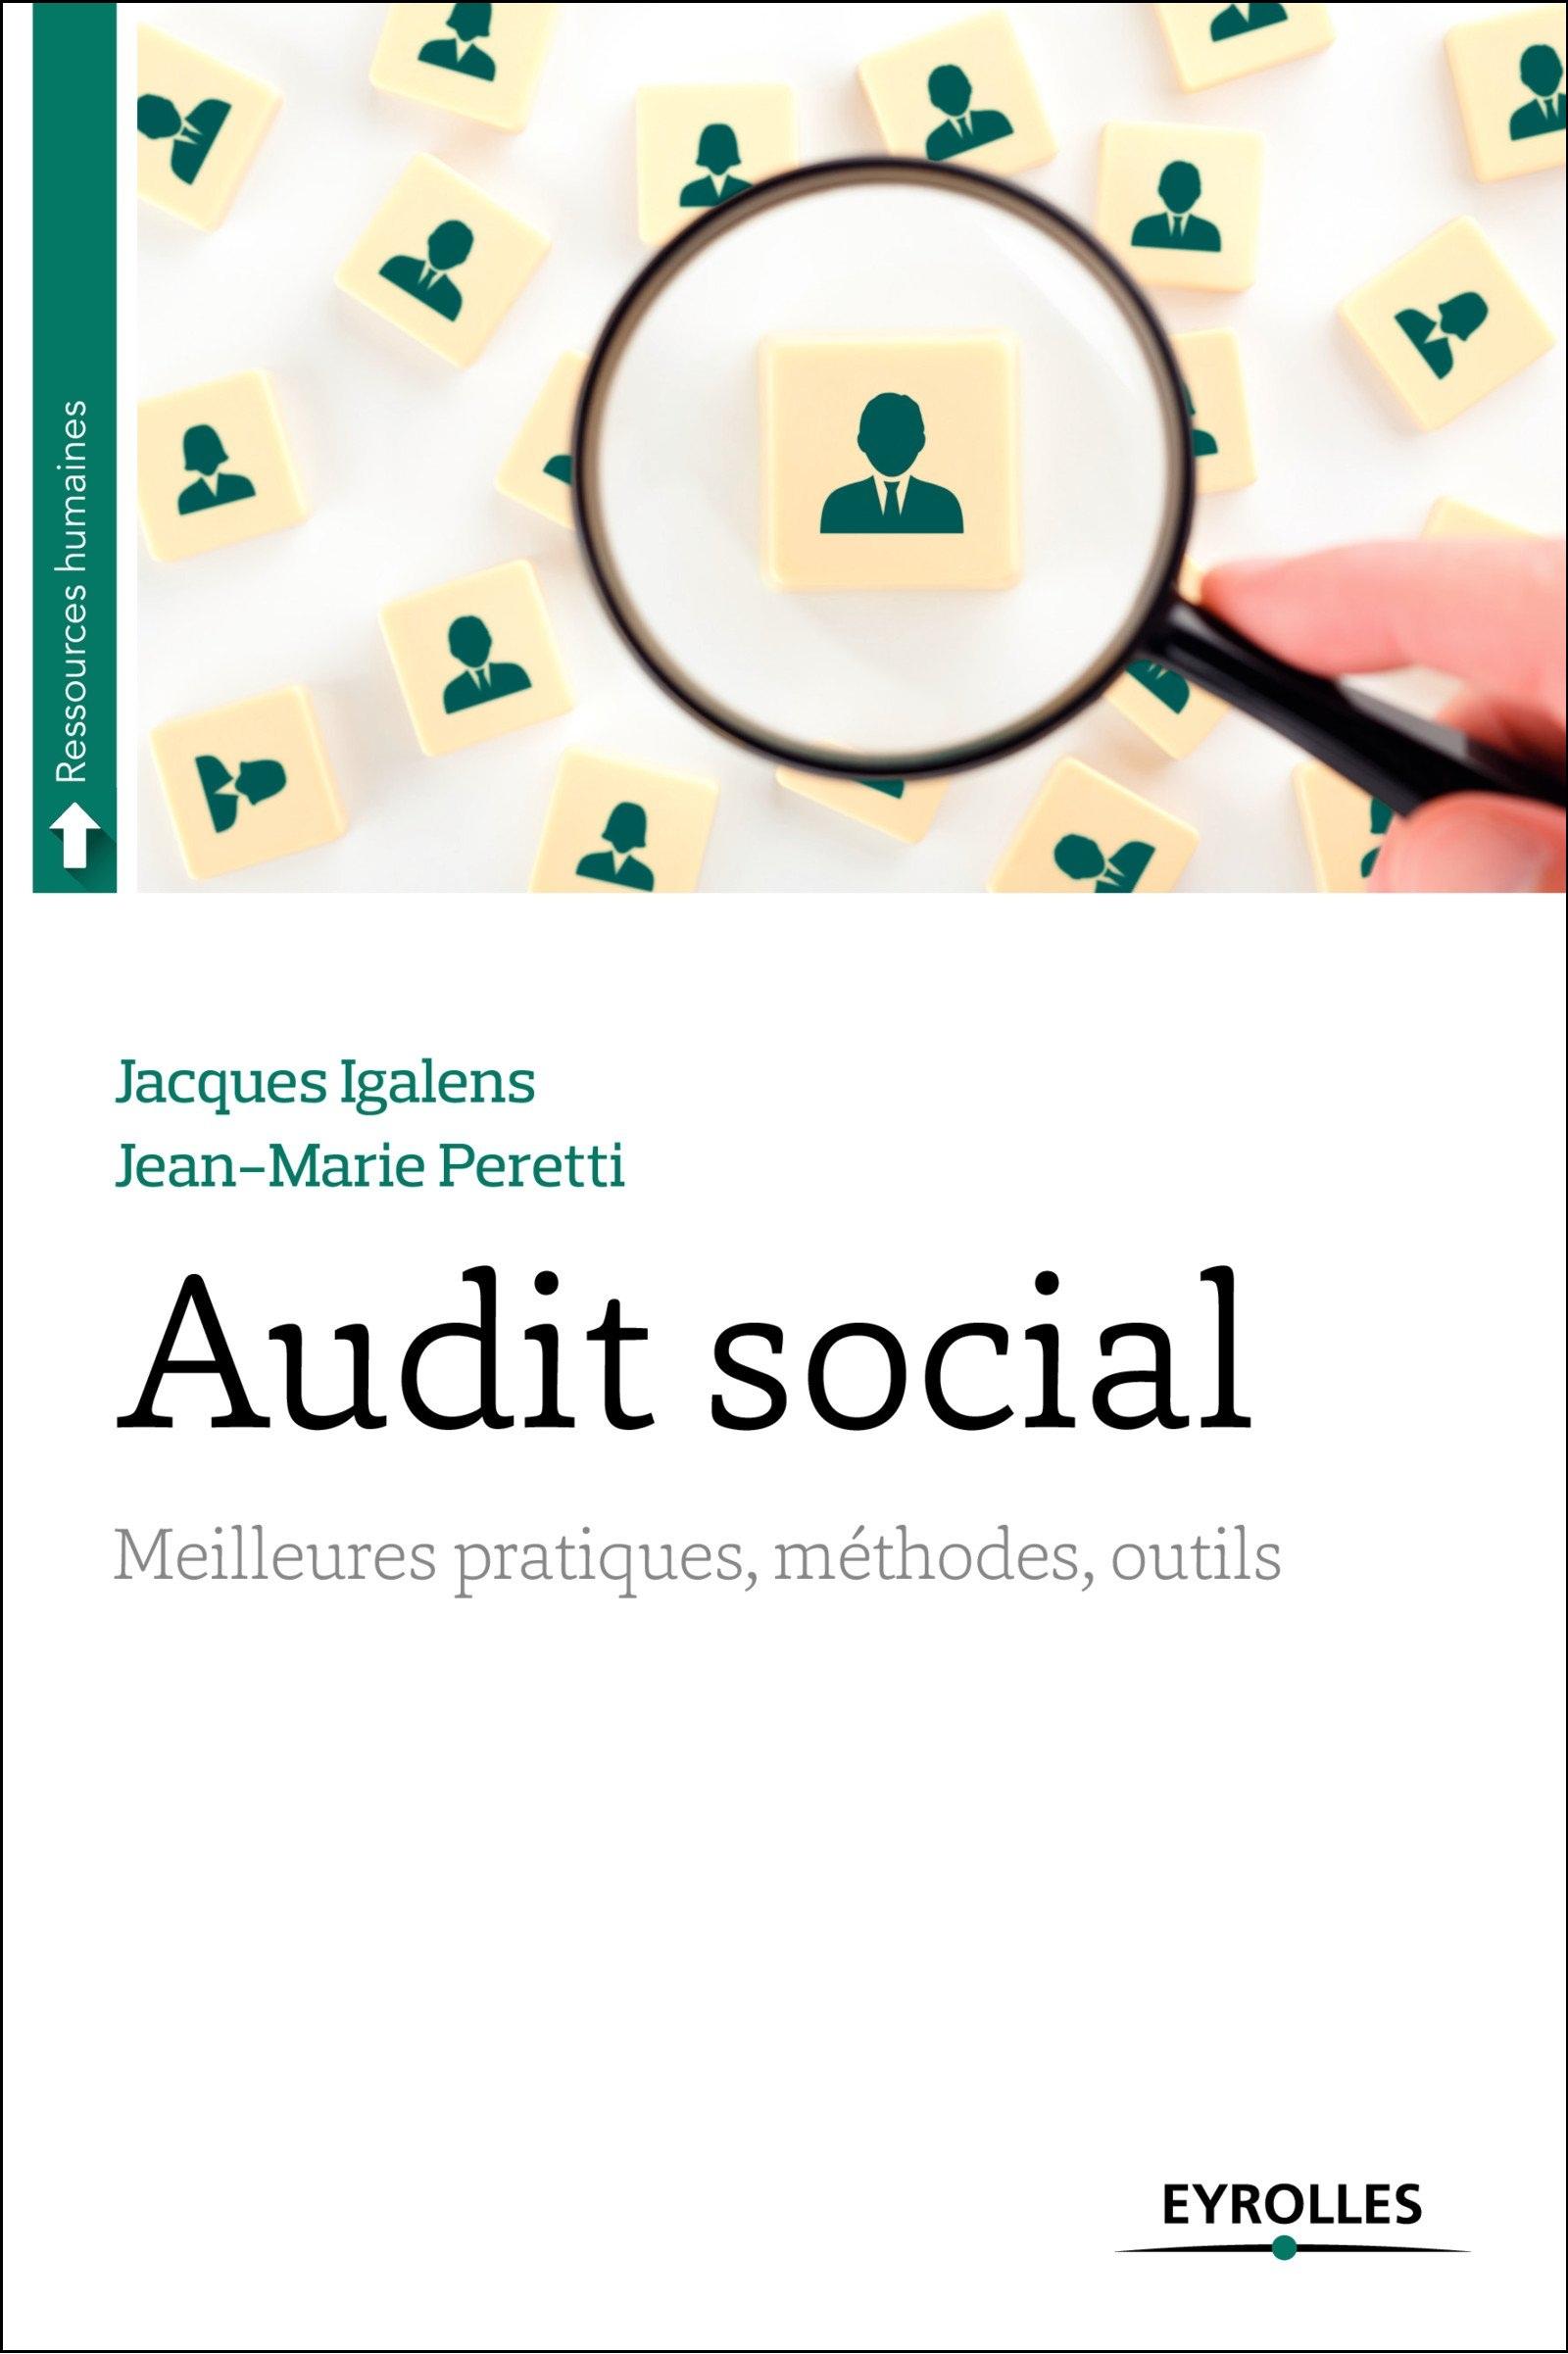 Audit social - Meilleures pratiques méthodes outils